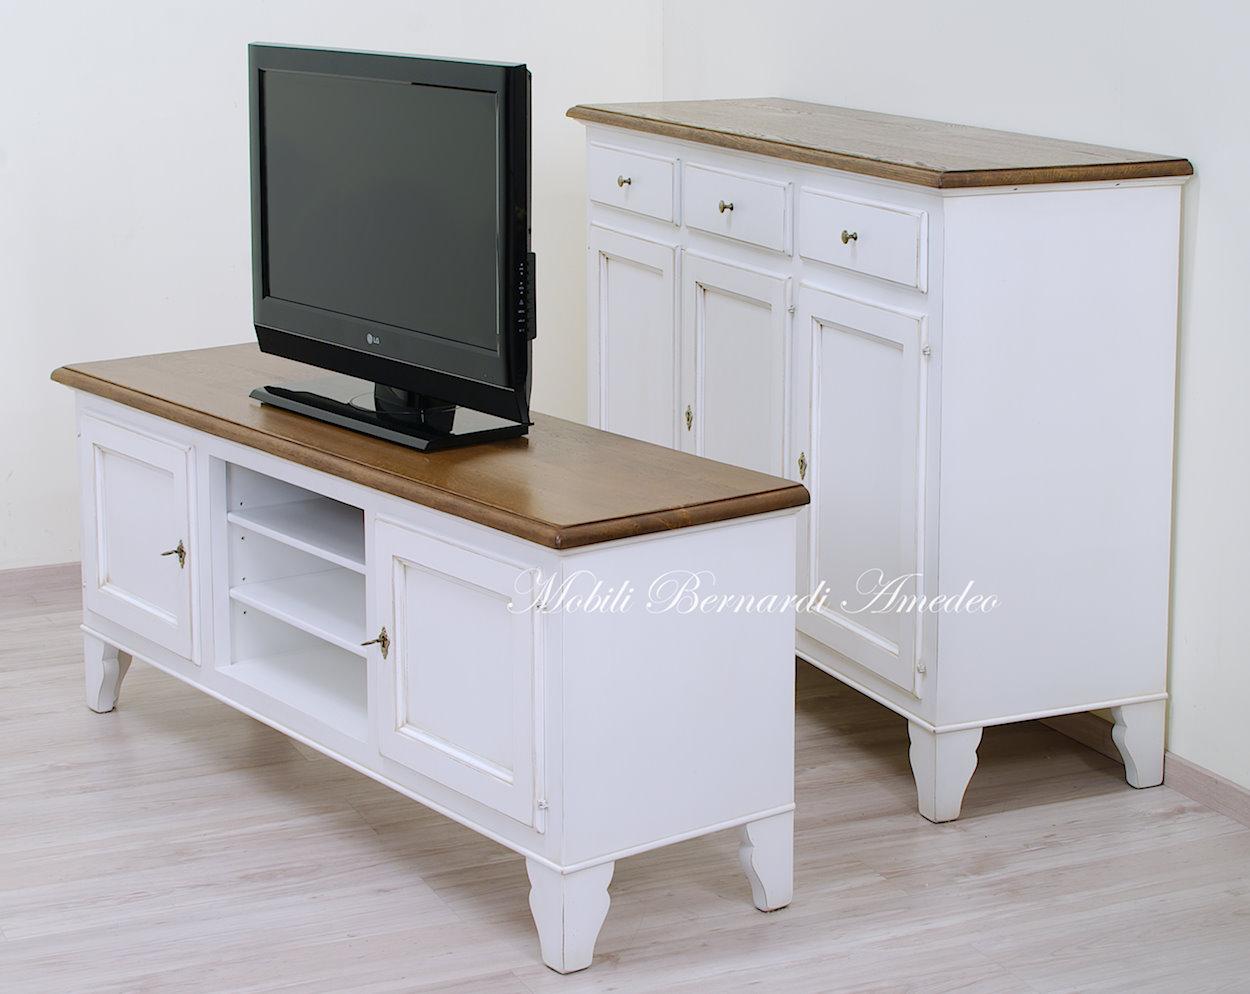 Mobili tv country in legno porta tv - Mobili per tv in legno ...